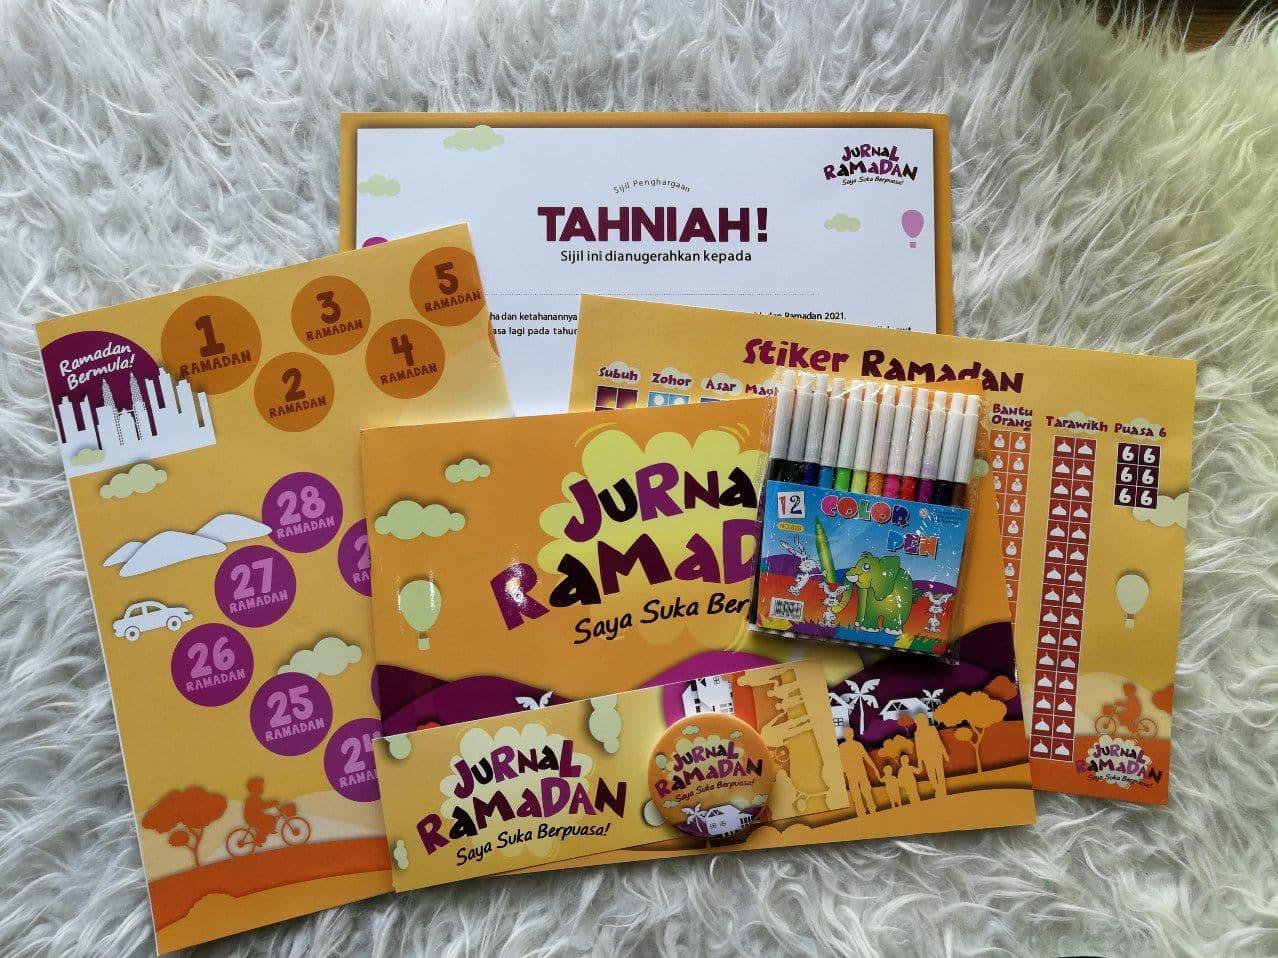 jurnal ramadan untuk kanak-kanak